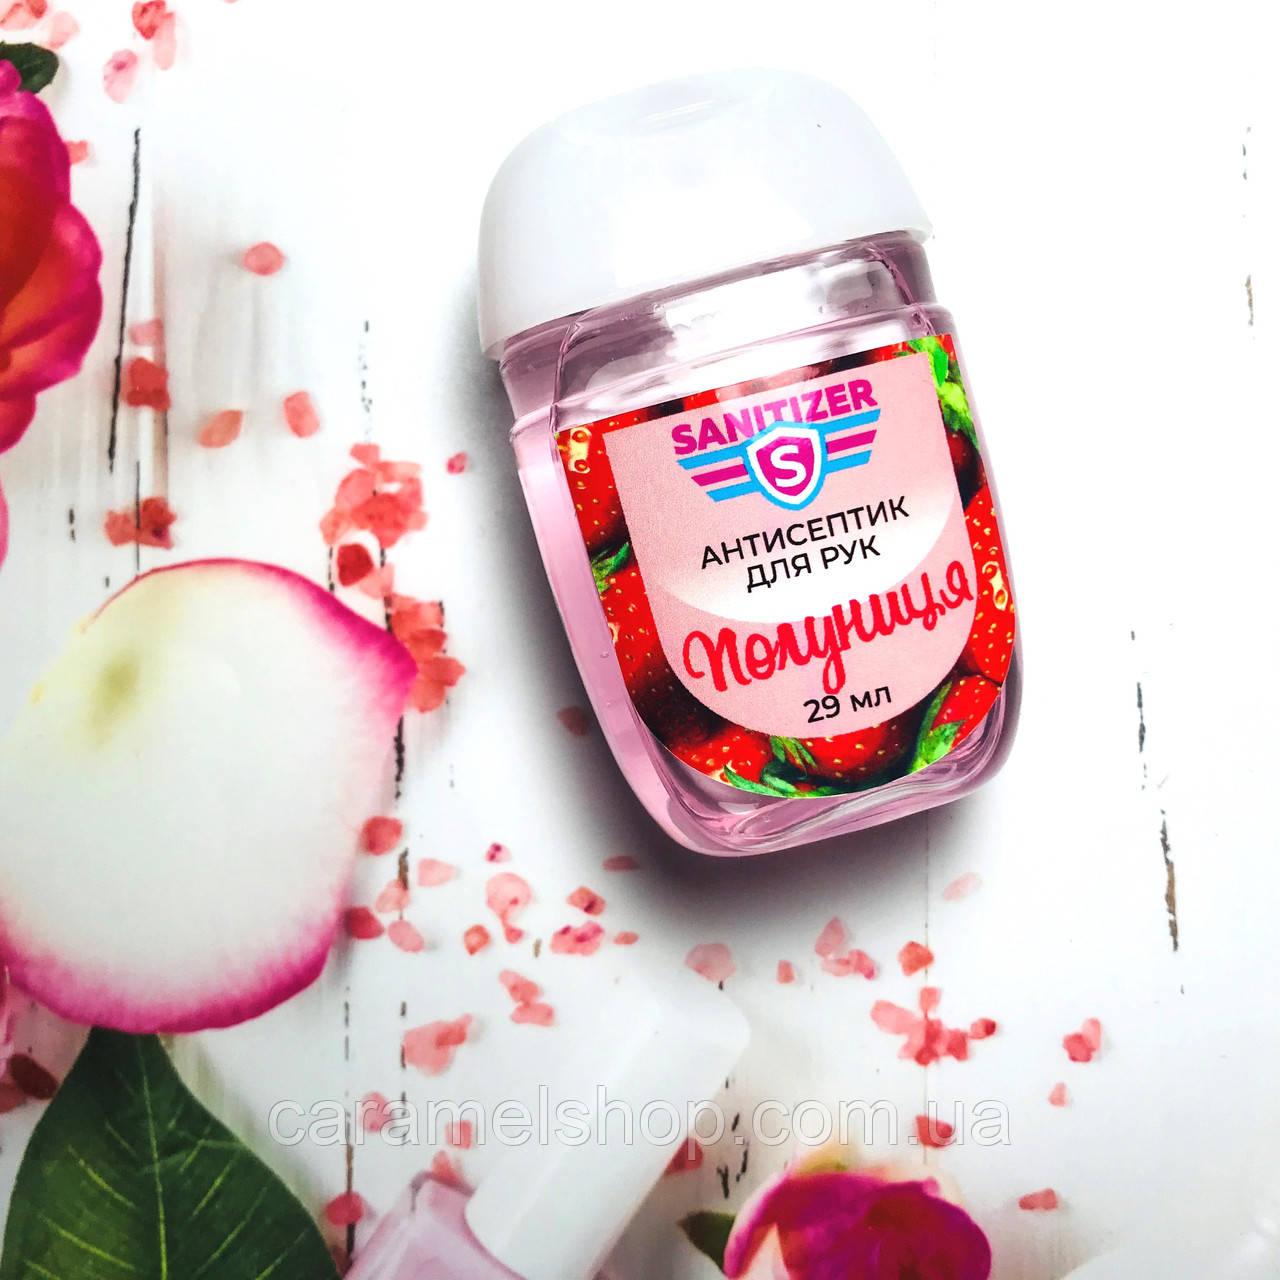 Антисептик для рук Sanitizer (Санитайзер) Клубника - Strawberry 29 ml